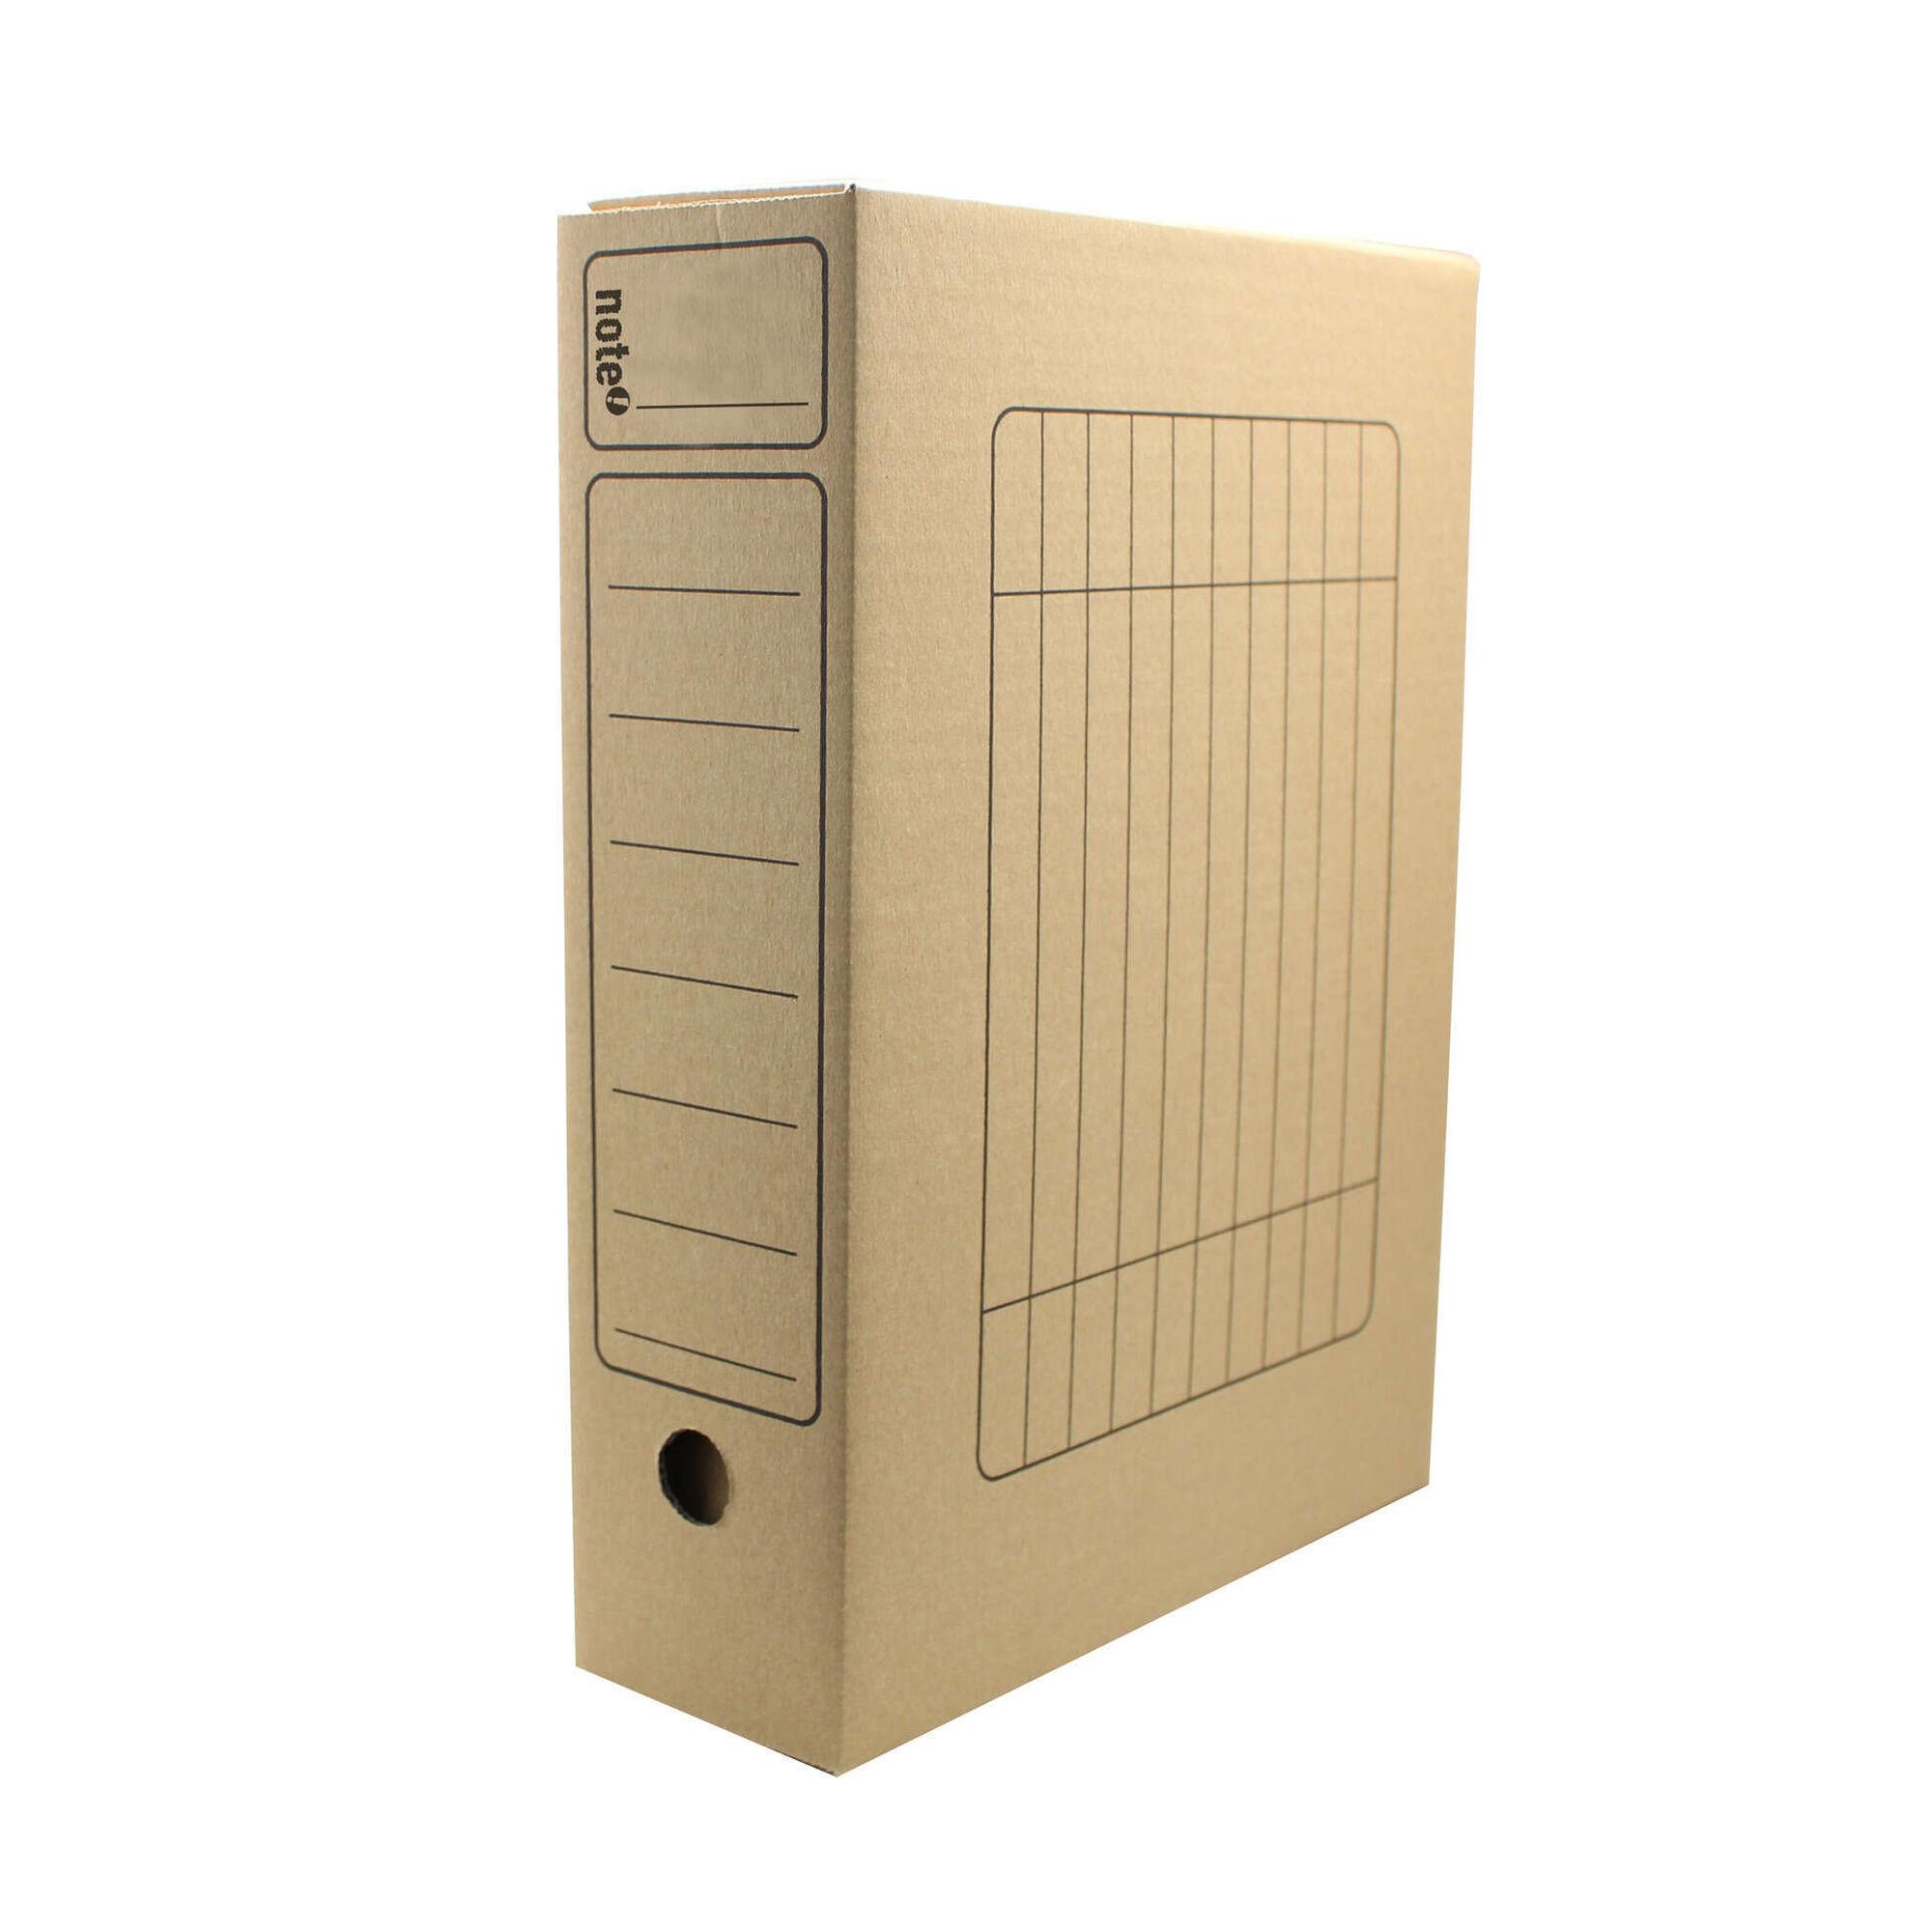 Caixa de Arquivo Morto A4